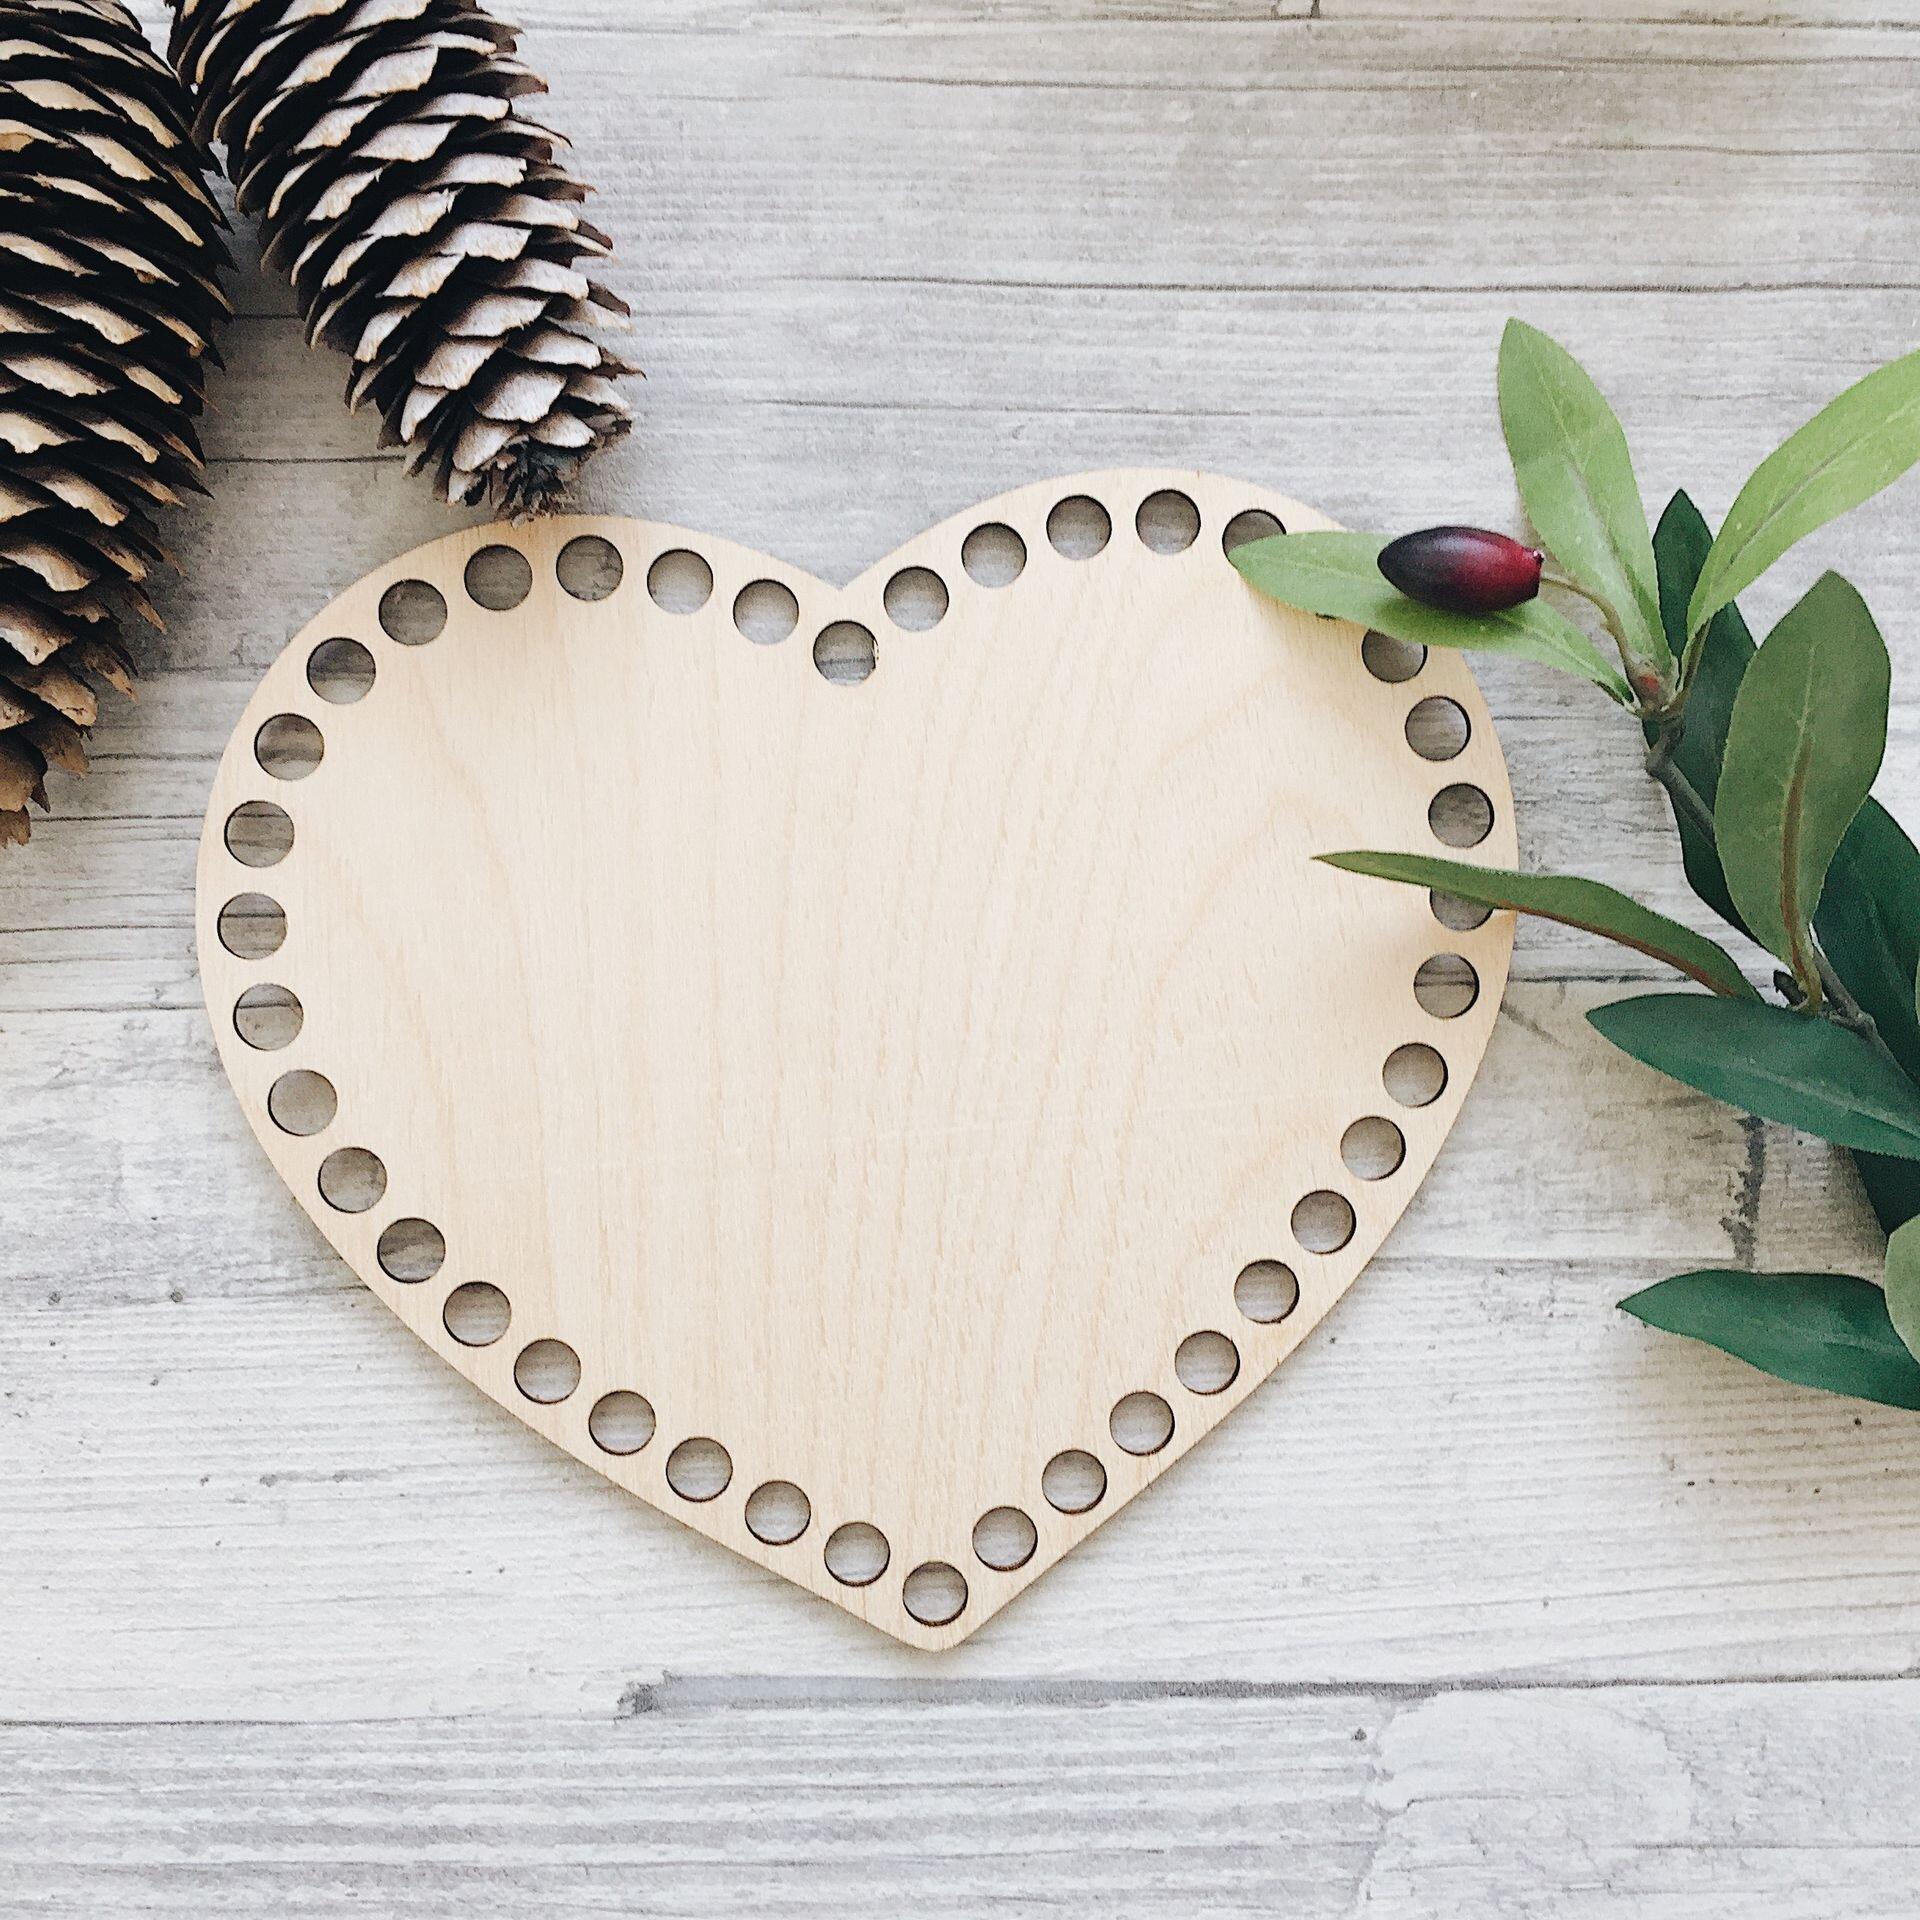 Деревянное донышко для корзины, сердце 17*14см - фото pic_d97b5dbd5df67aa_1920x9000_1.jpg